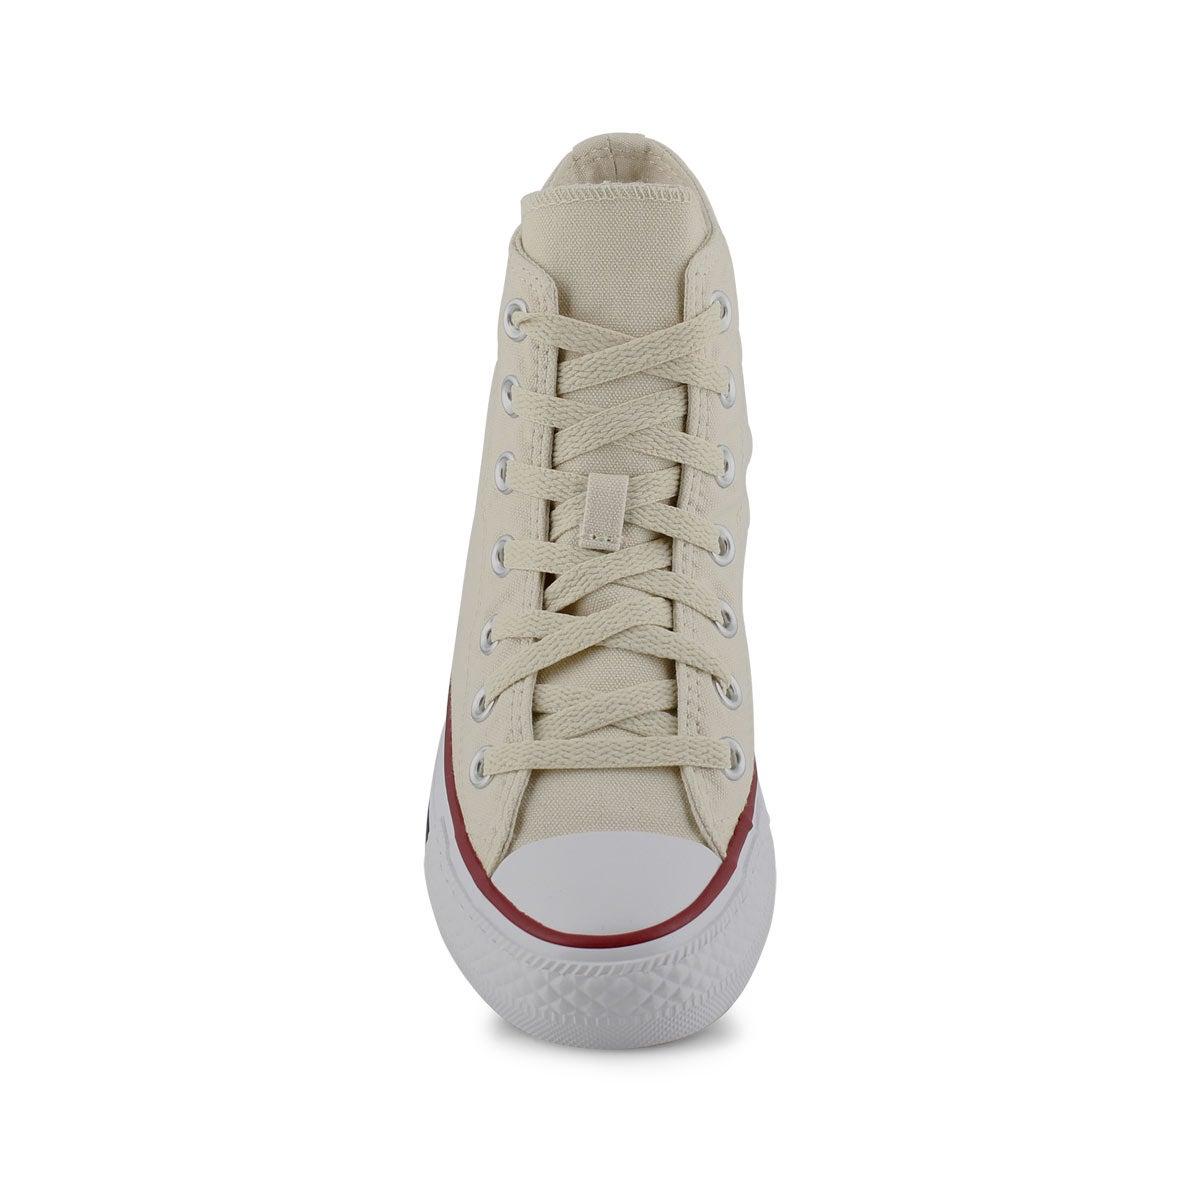 Women's Chuck Taylor All Star Hi Top Sneaker - Ivr